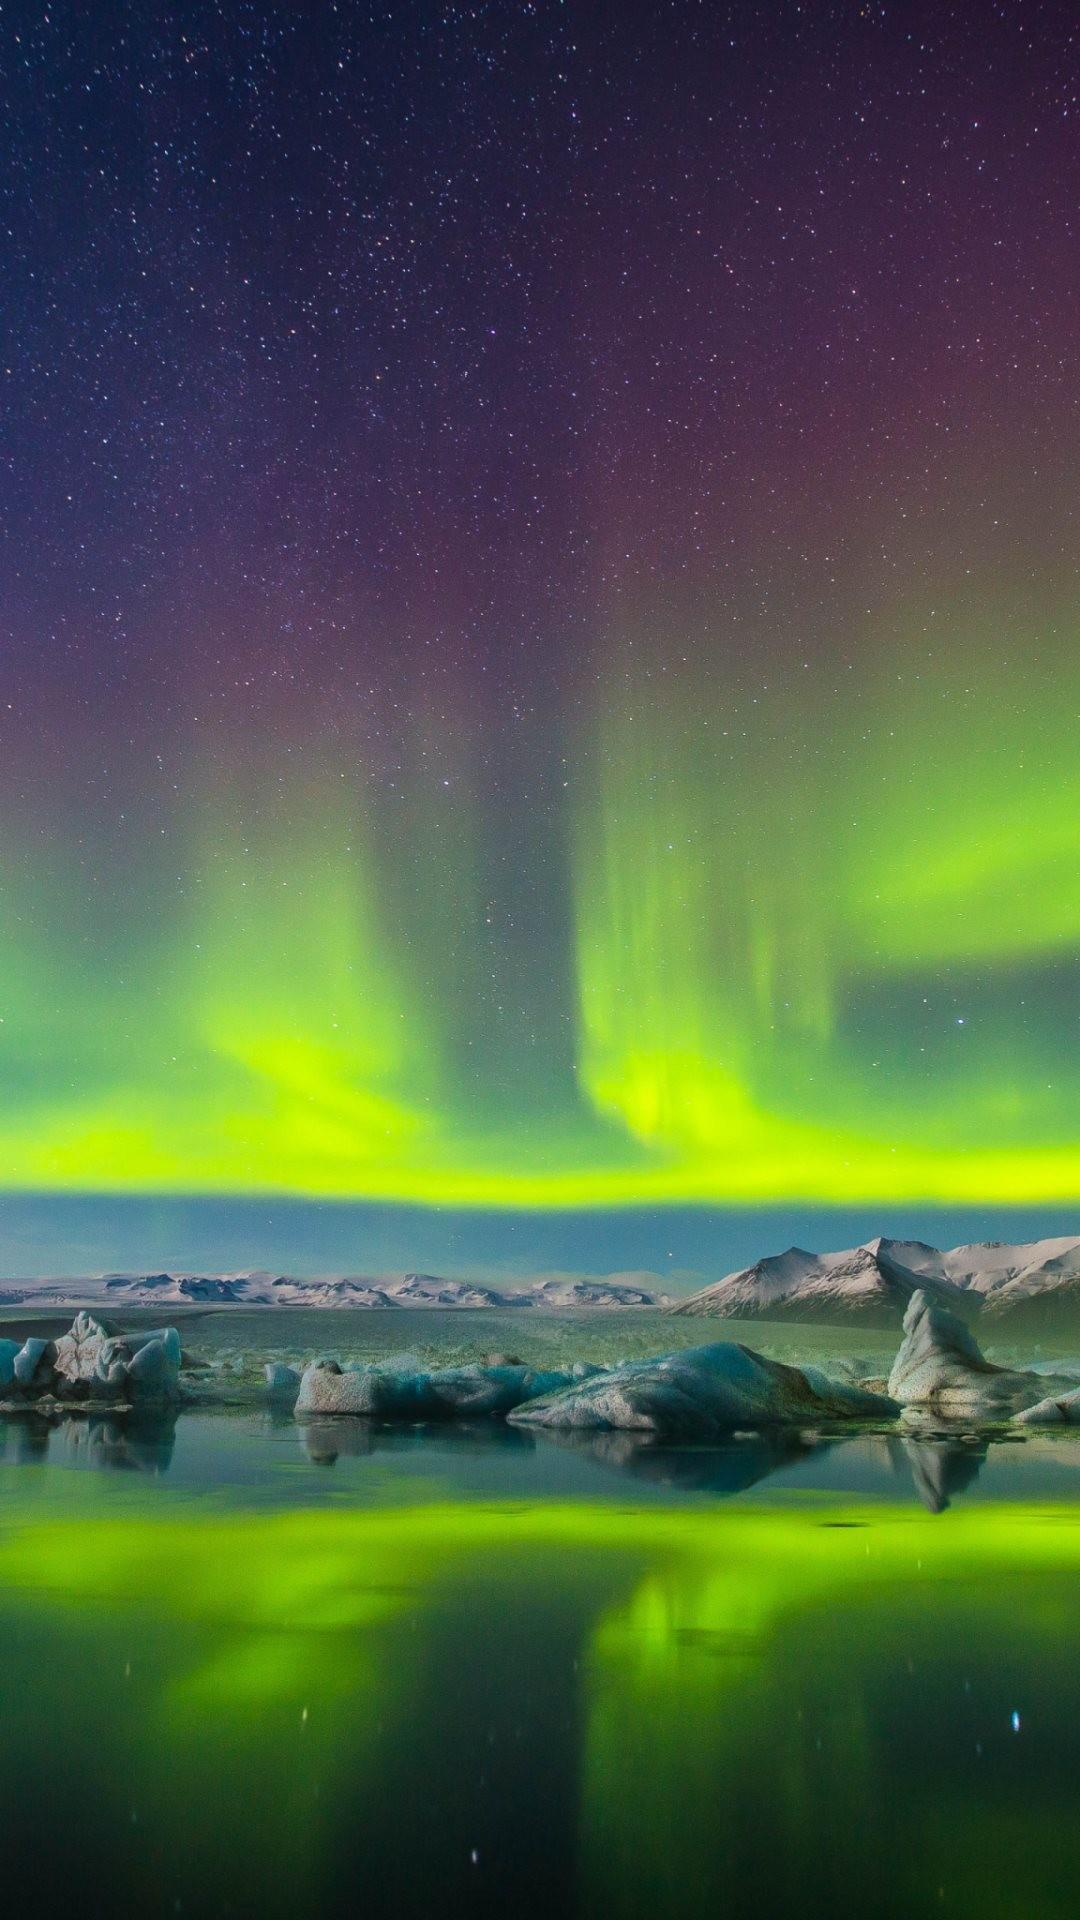 Sfondi smartphone 4k 73 immagini for Sfondi desktop aurora boreale